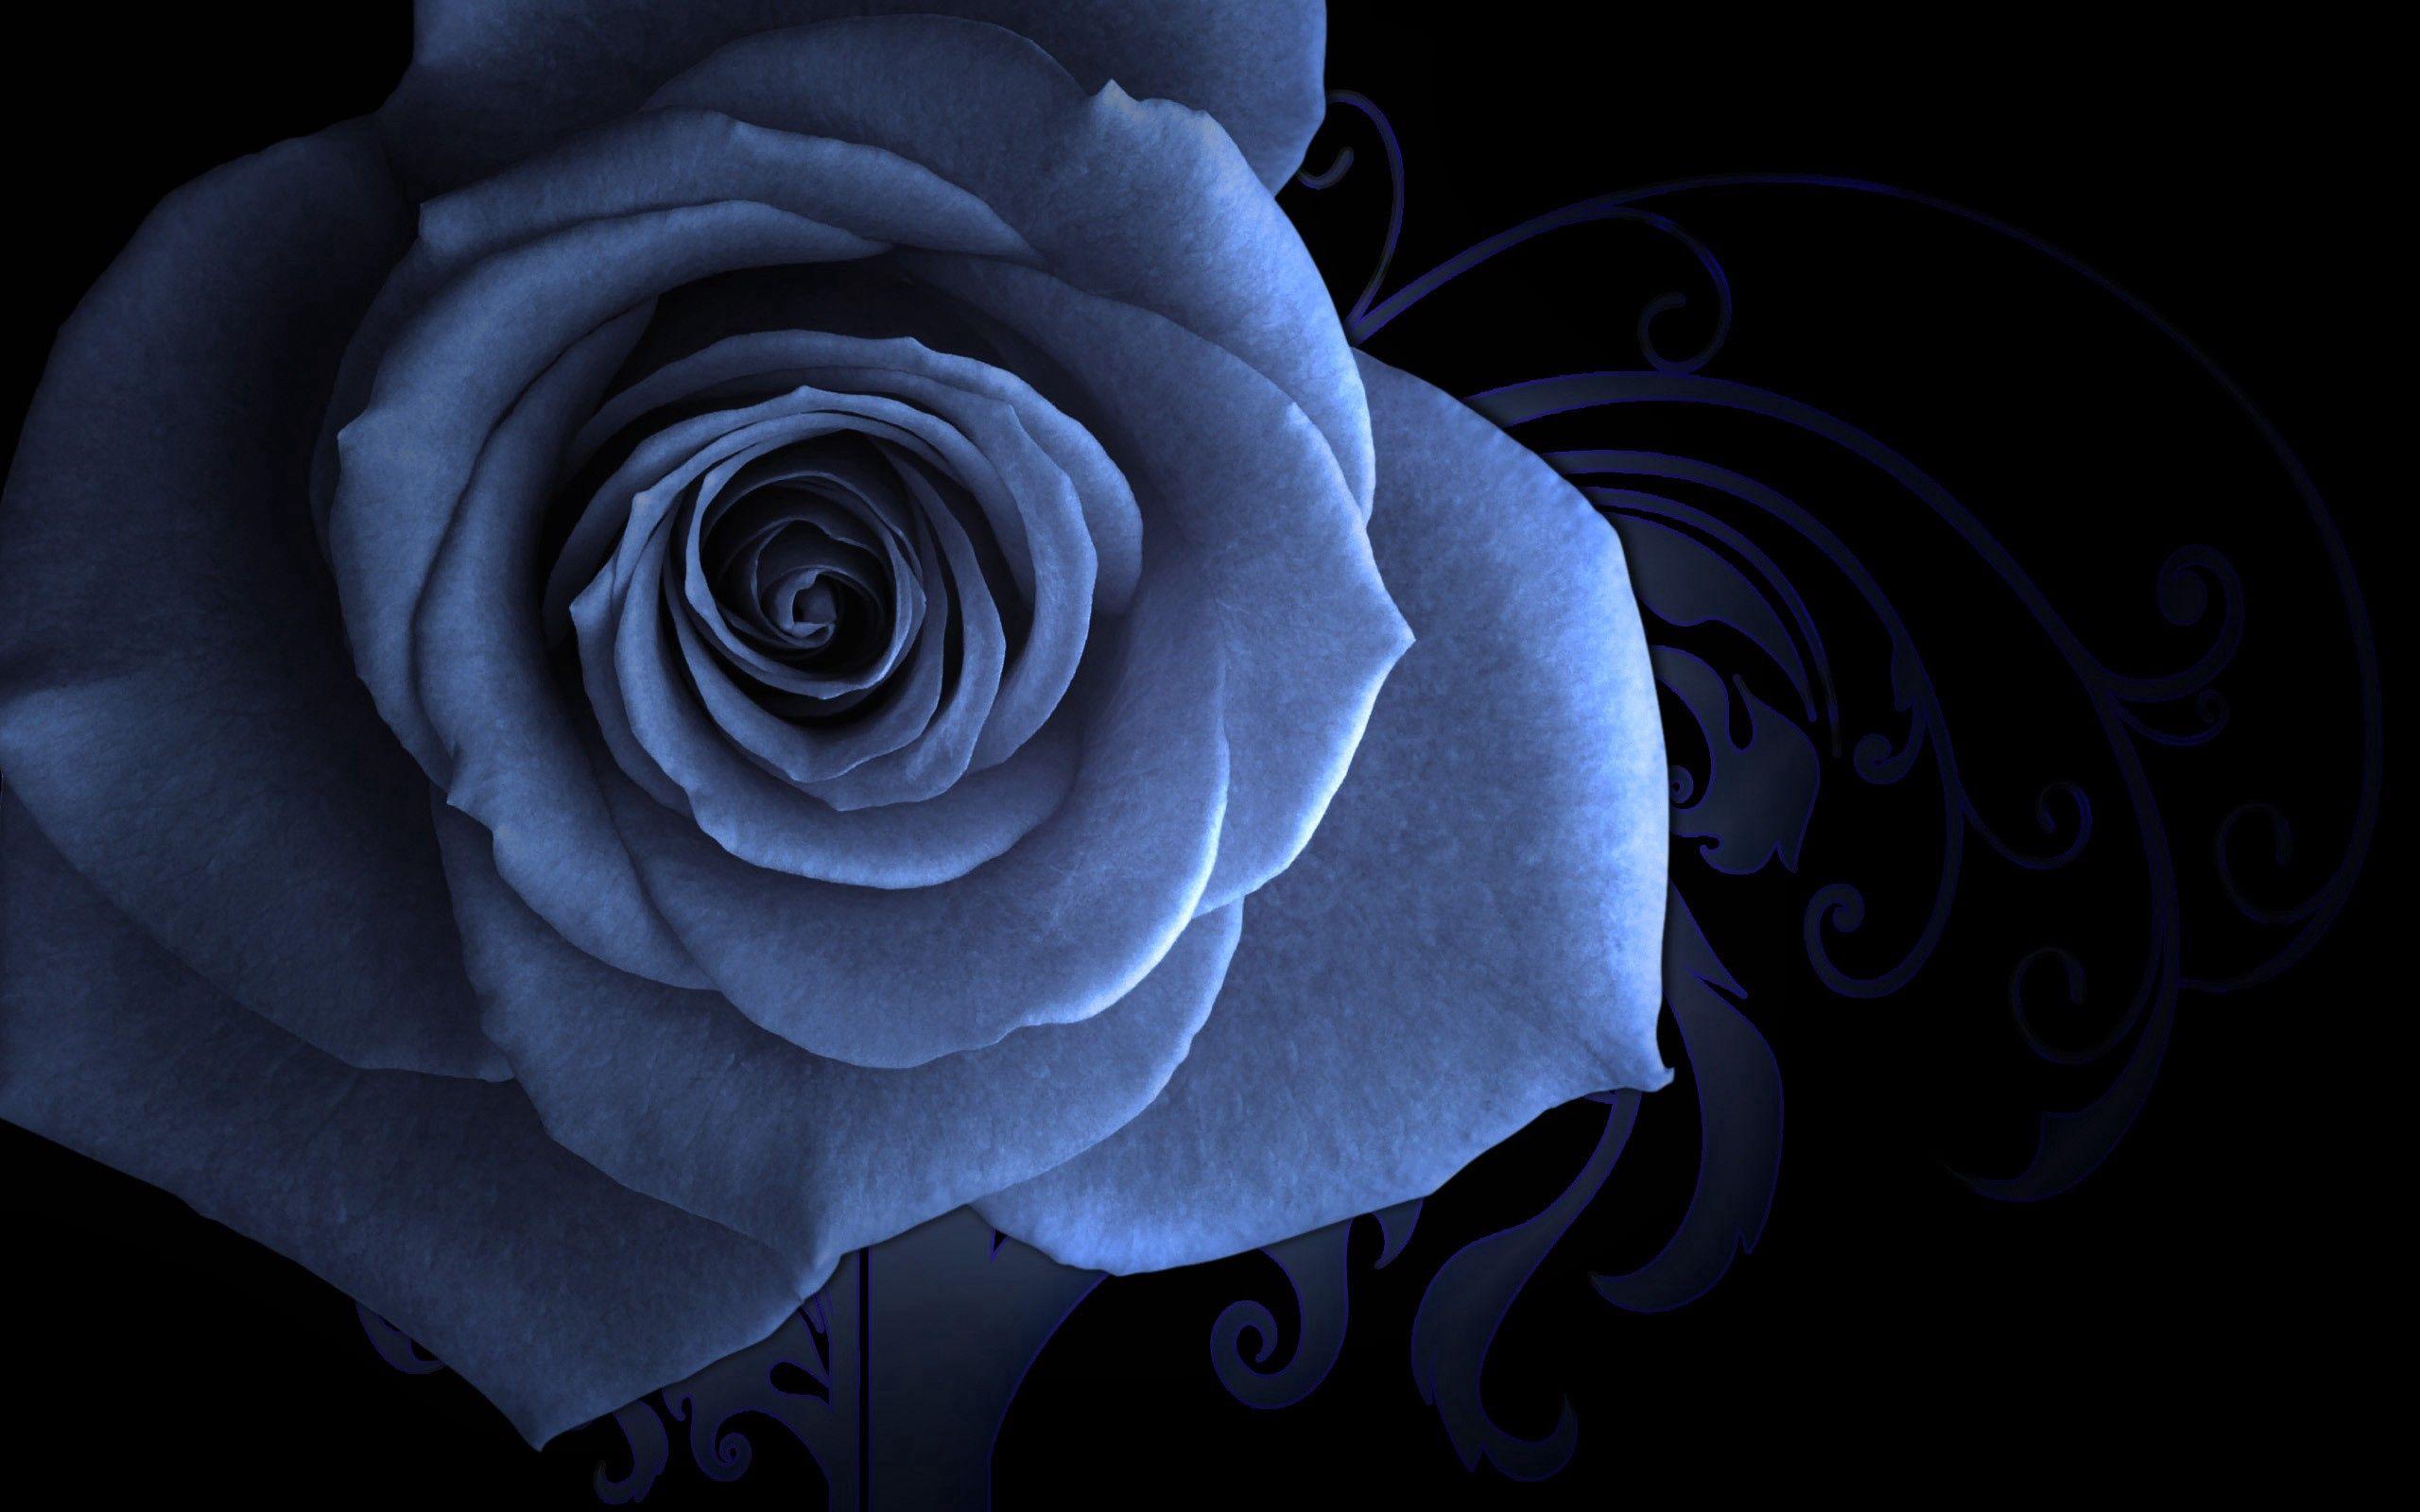 101499 скачать обои Макро, Роза, Цветок, Лепестки, Фон, Узоры - заставки и картинки бесплатно